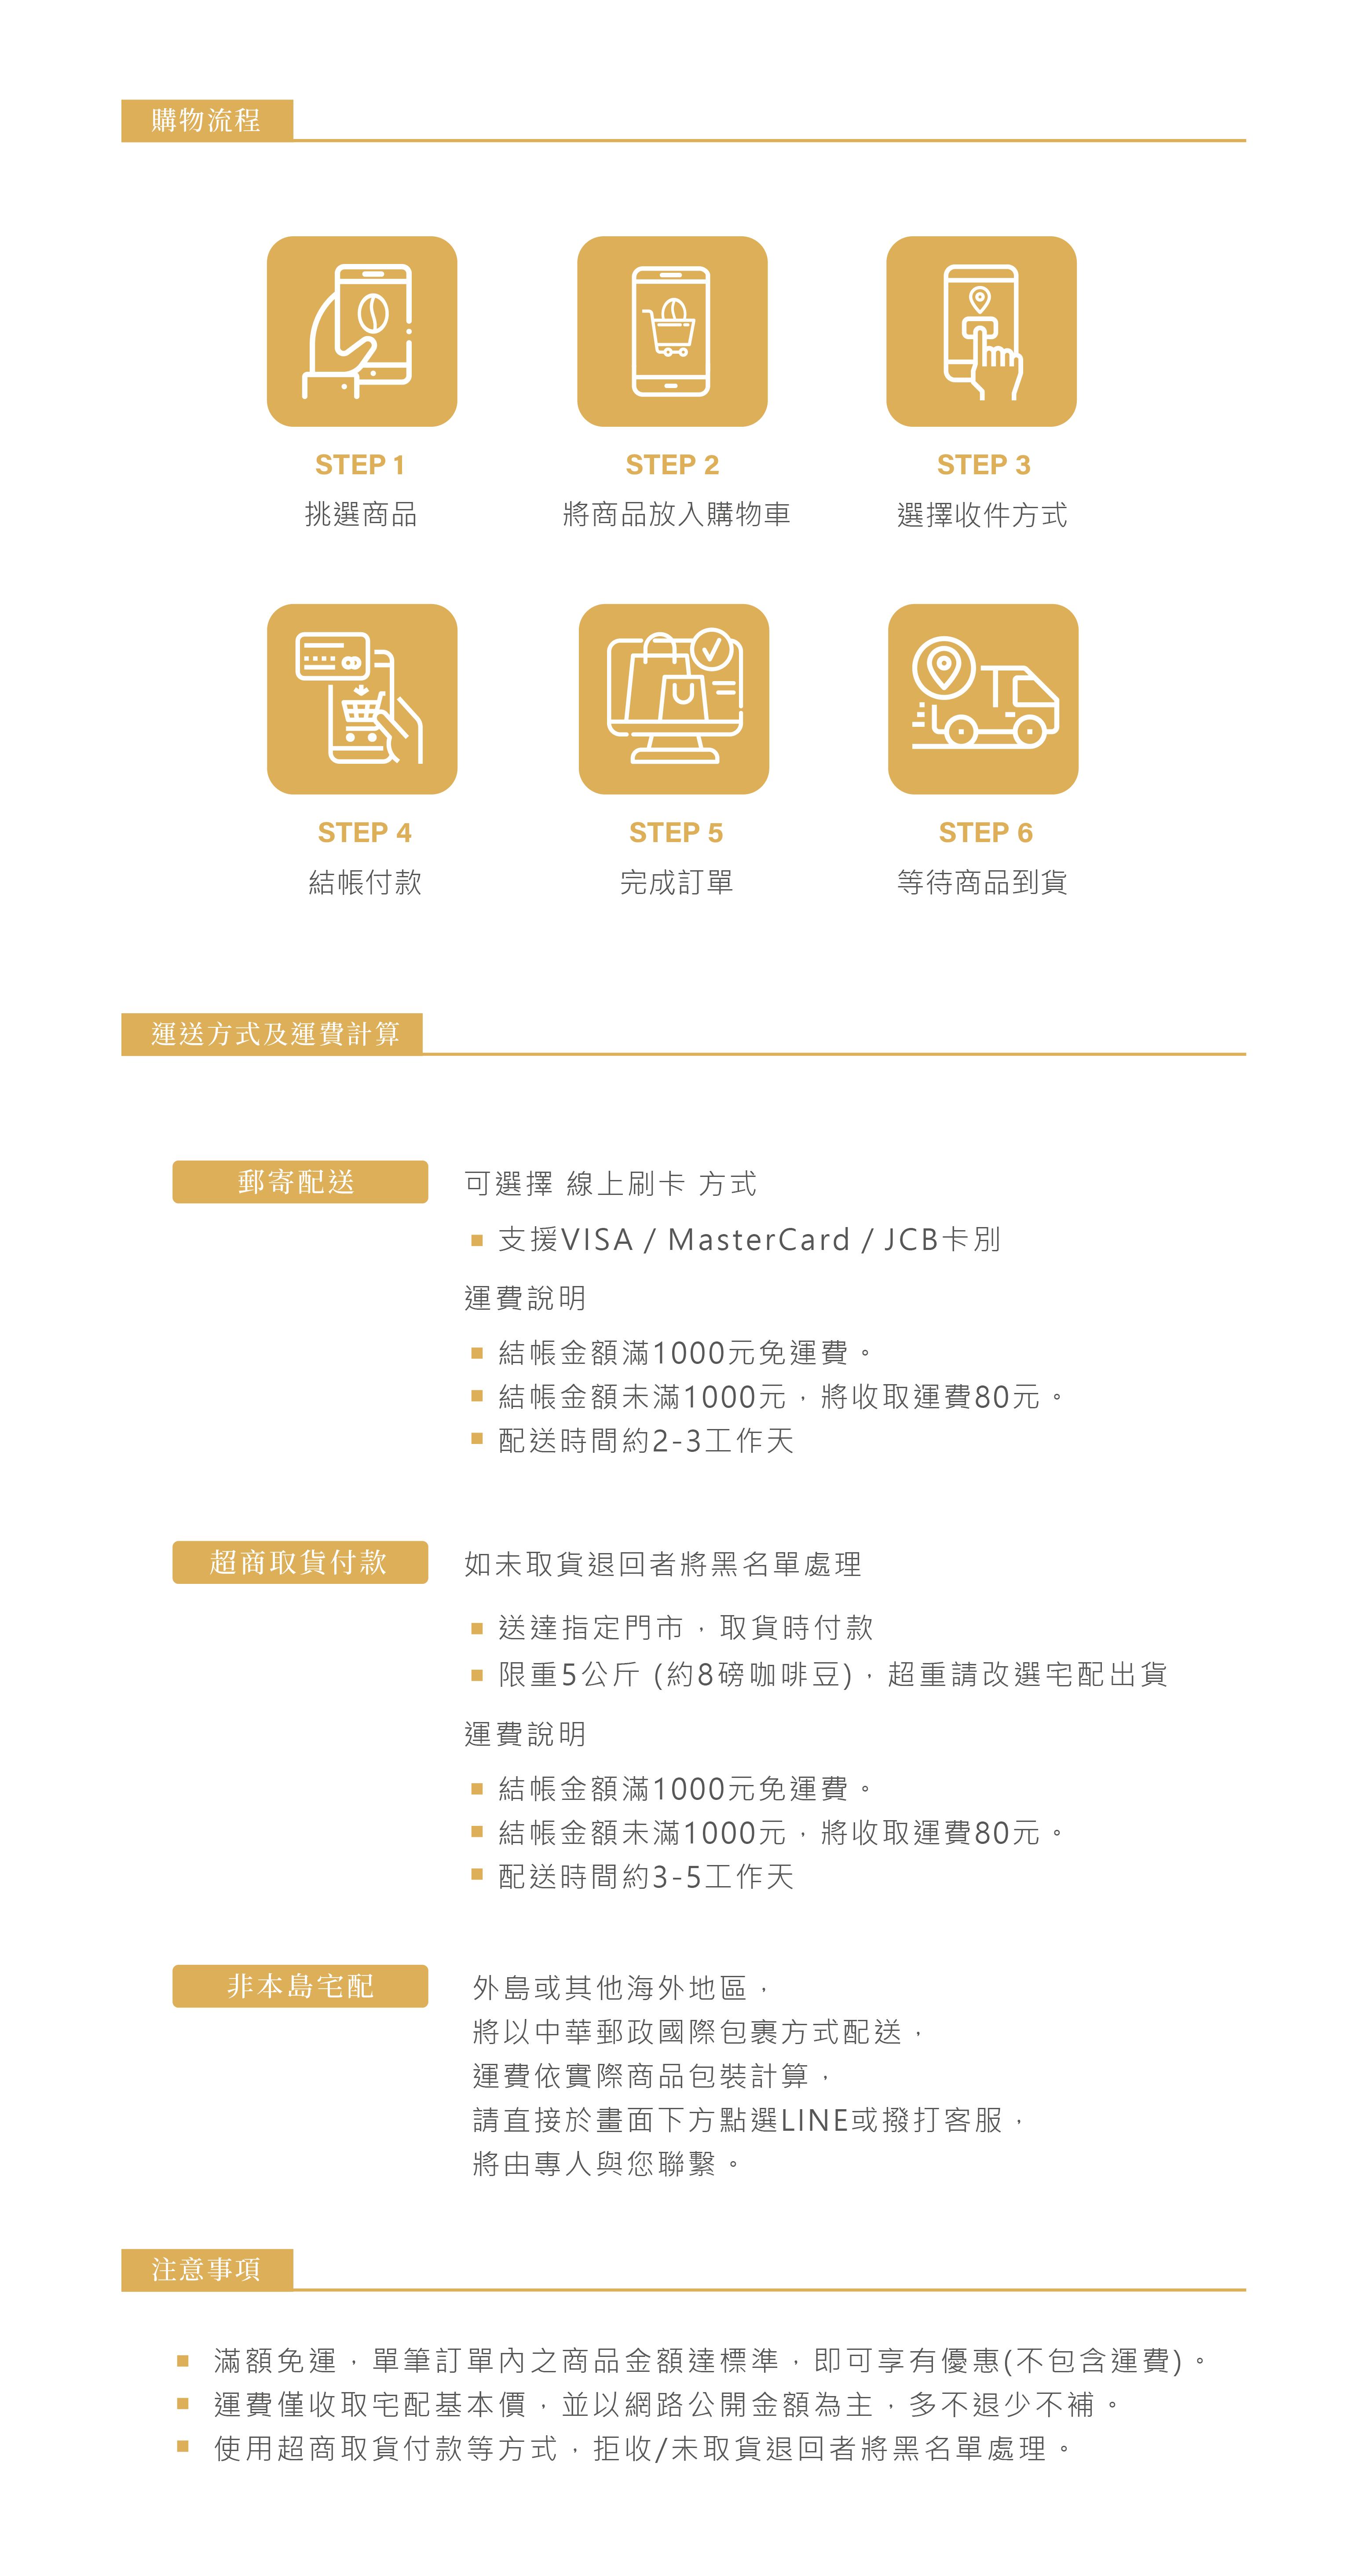 購物流程.png